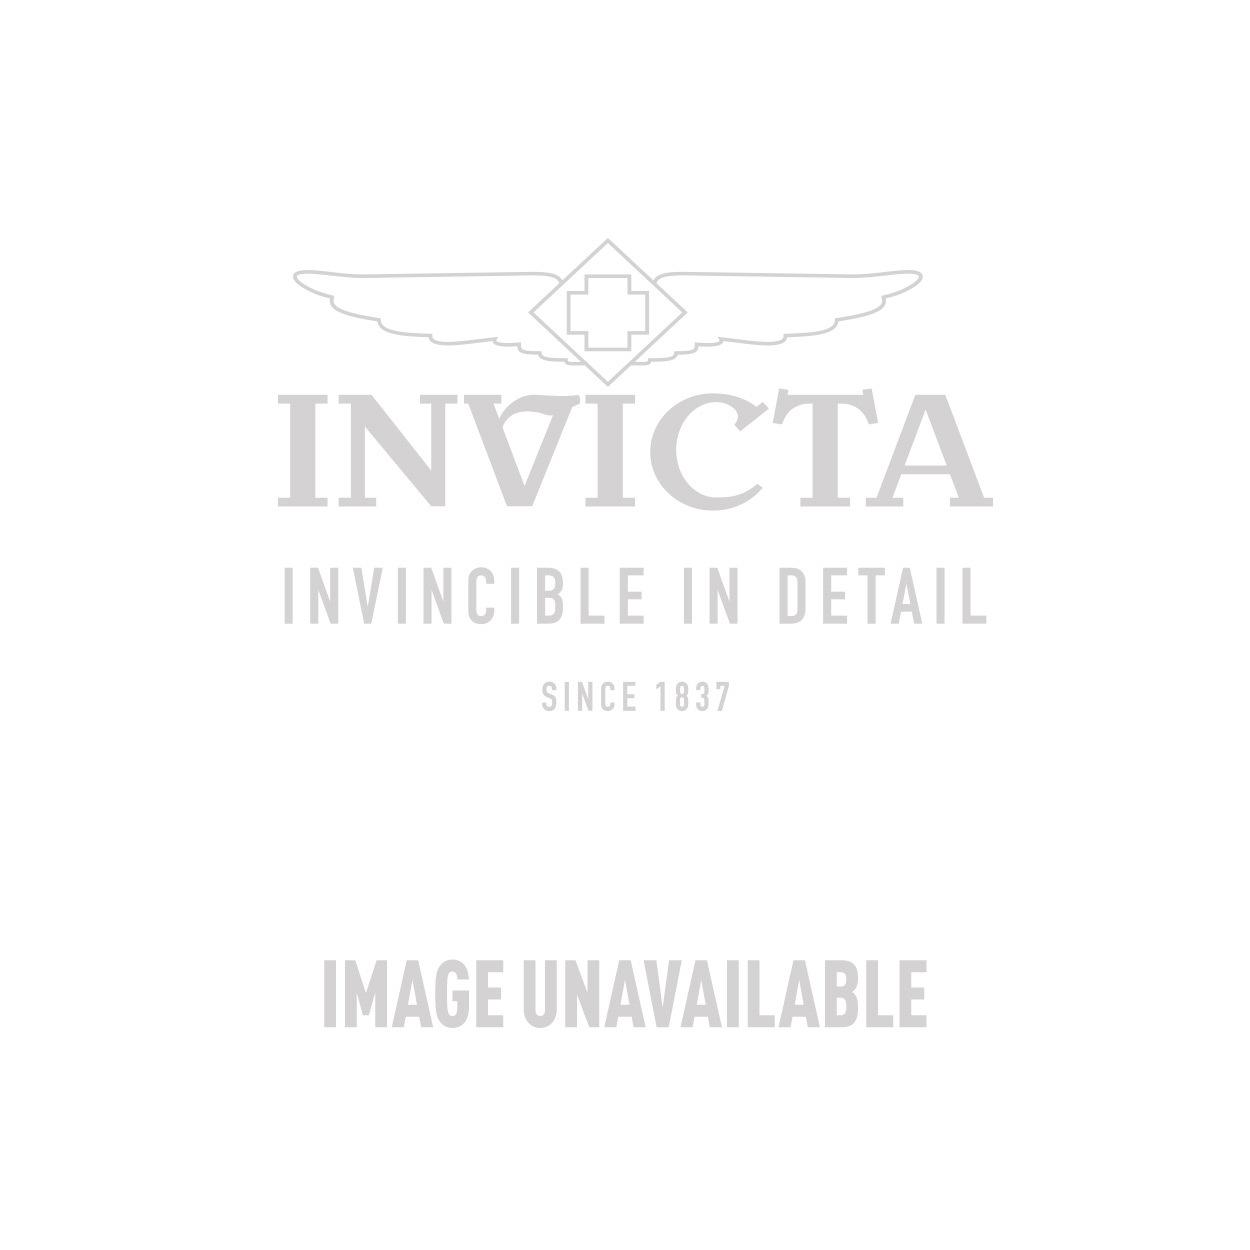 Invicta Model 24334